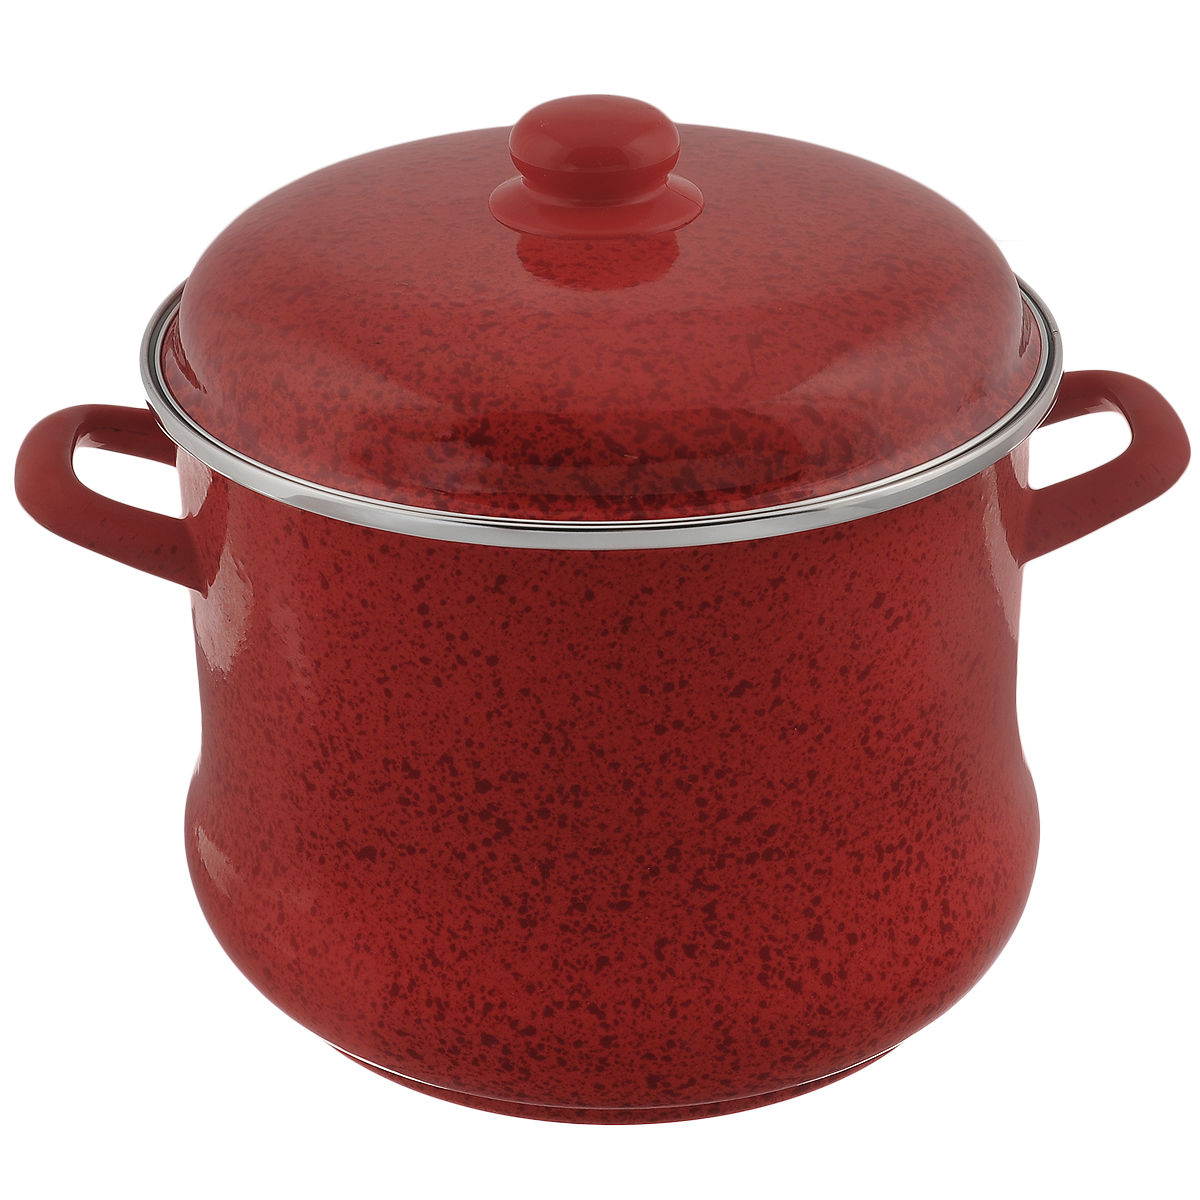 цена на Кастрюля эмалированная Мetrot Рубин, с крышкой, цвет: красный, 9 л